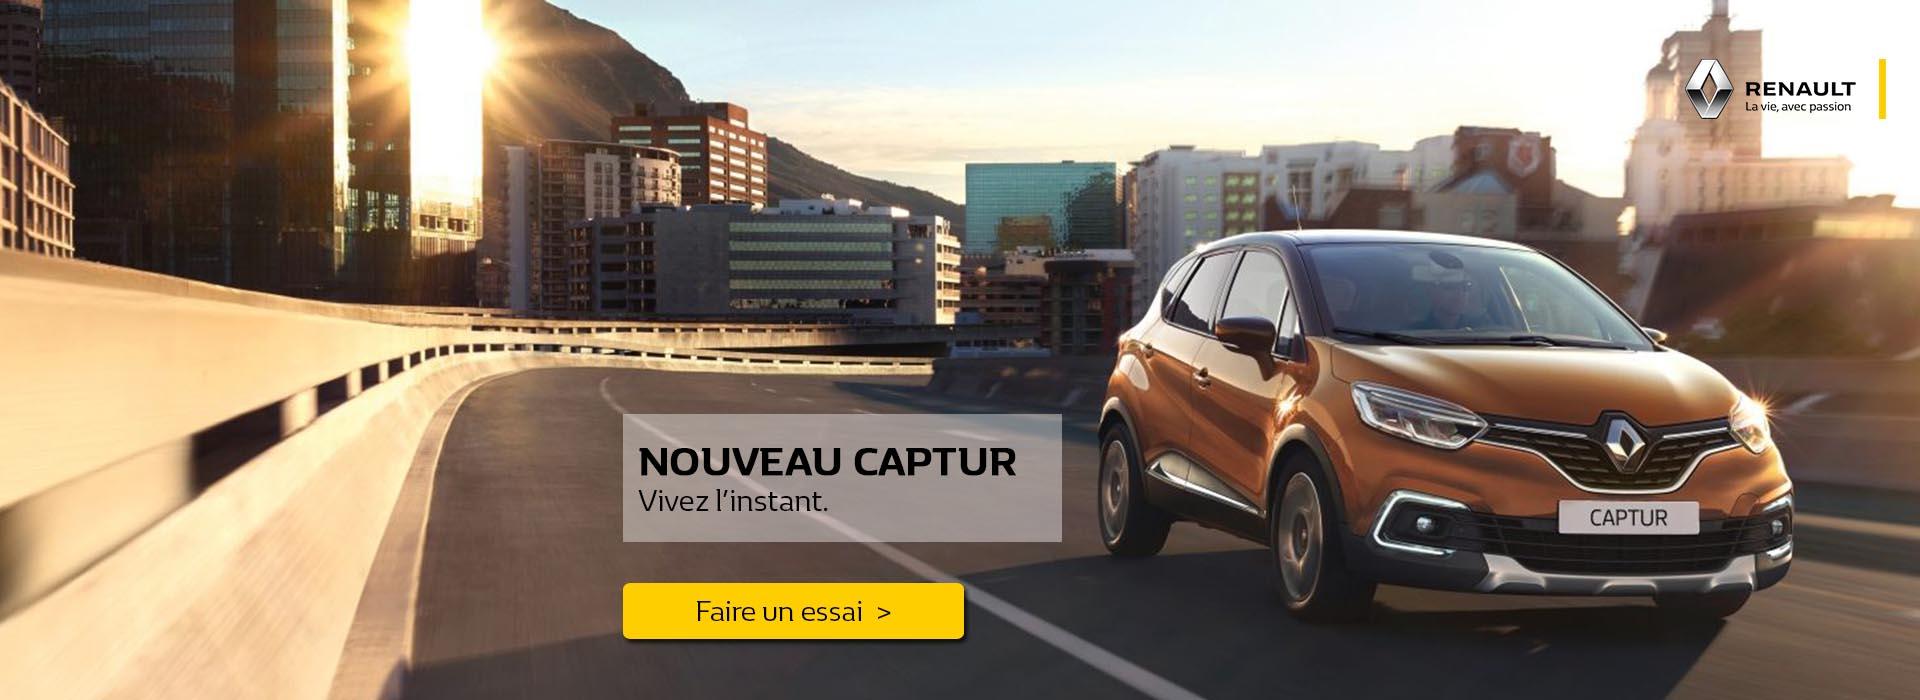 Renault brie comte robert votre concessionnaire voitures for Garage renault brie comte robert voiture occasion